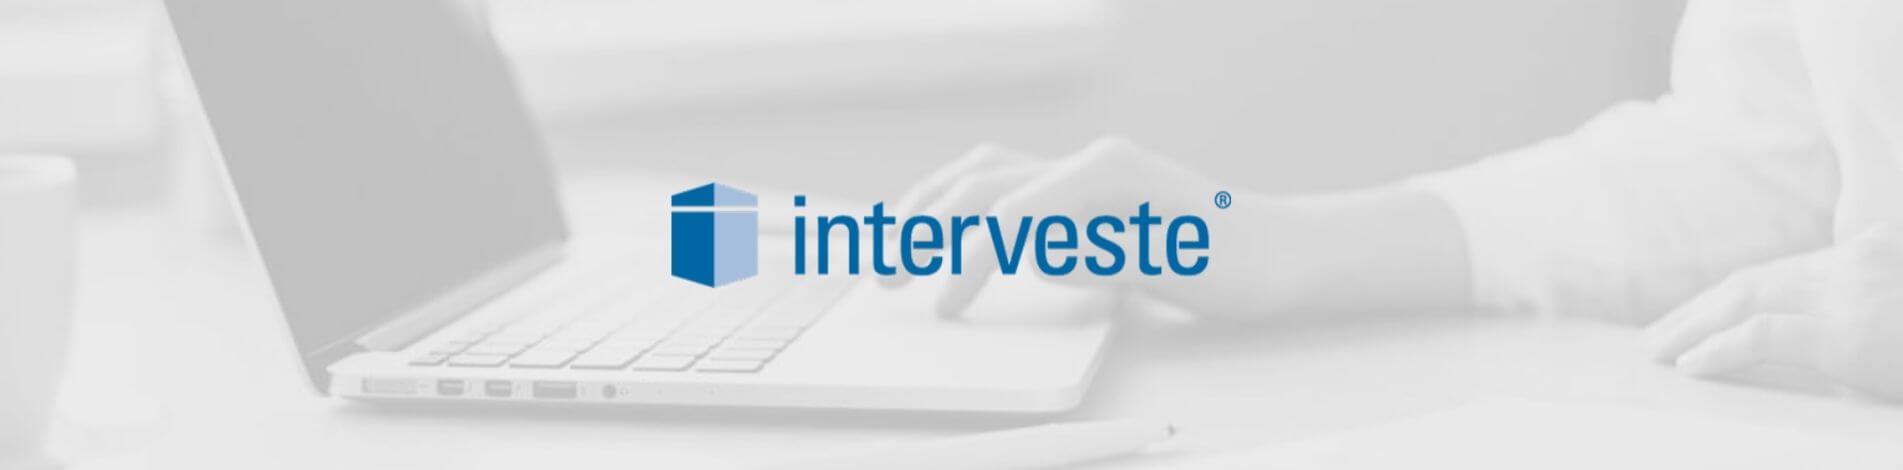 Interveste